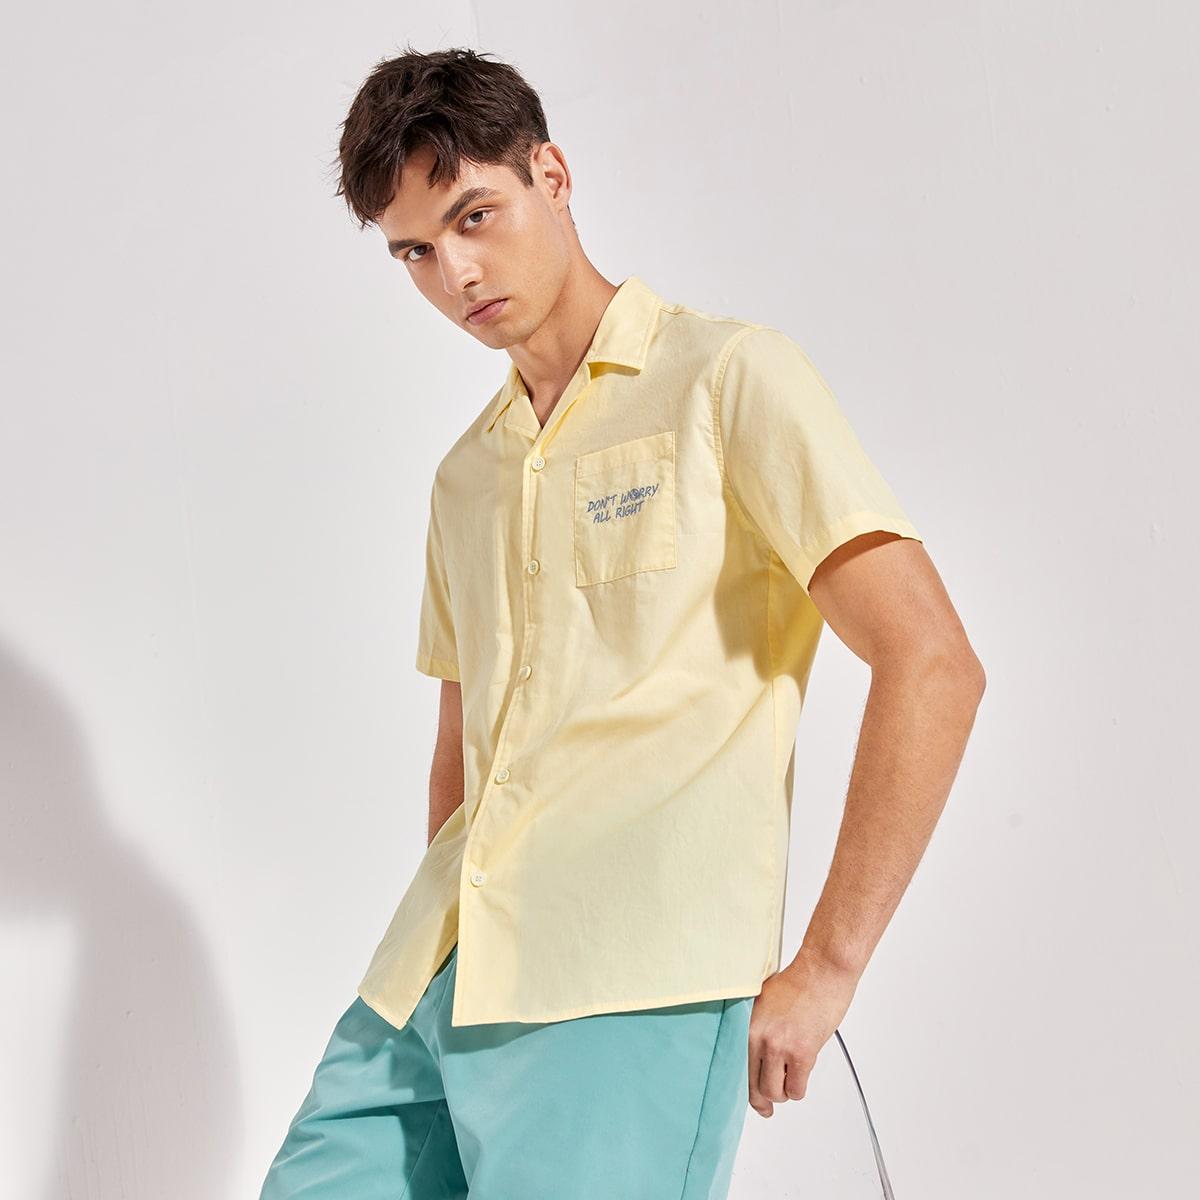 Мужской Рубашка с лацканами с текстовой вышивкой с краманом